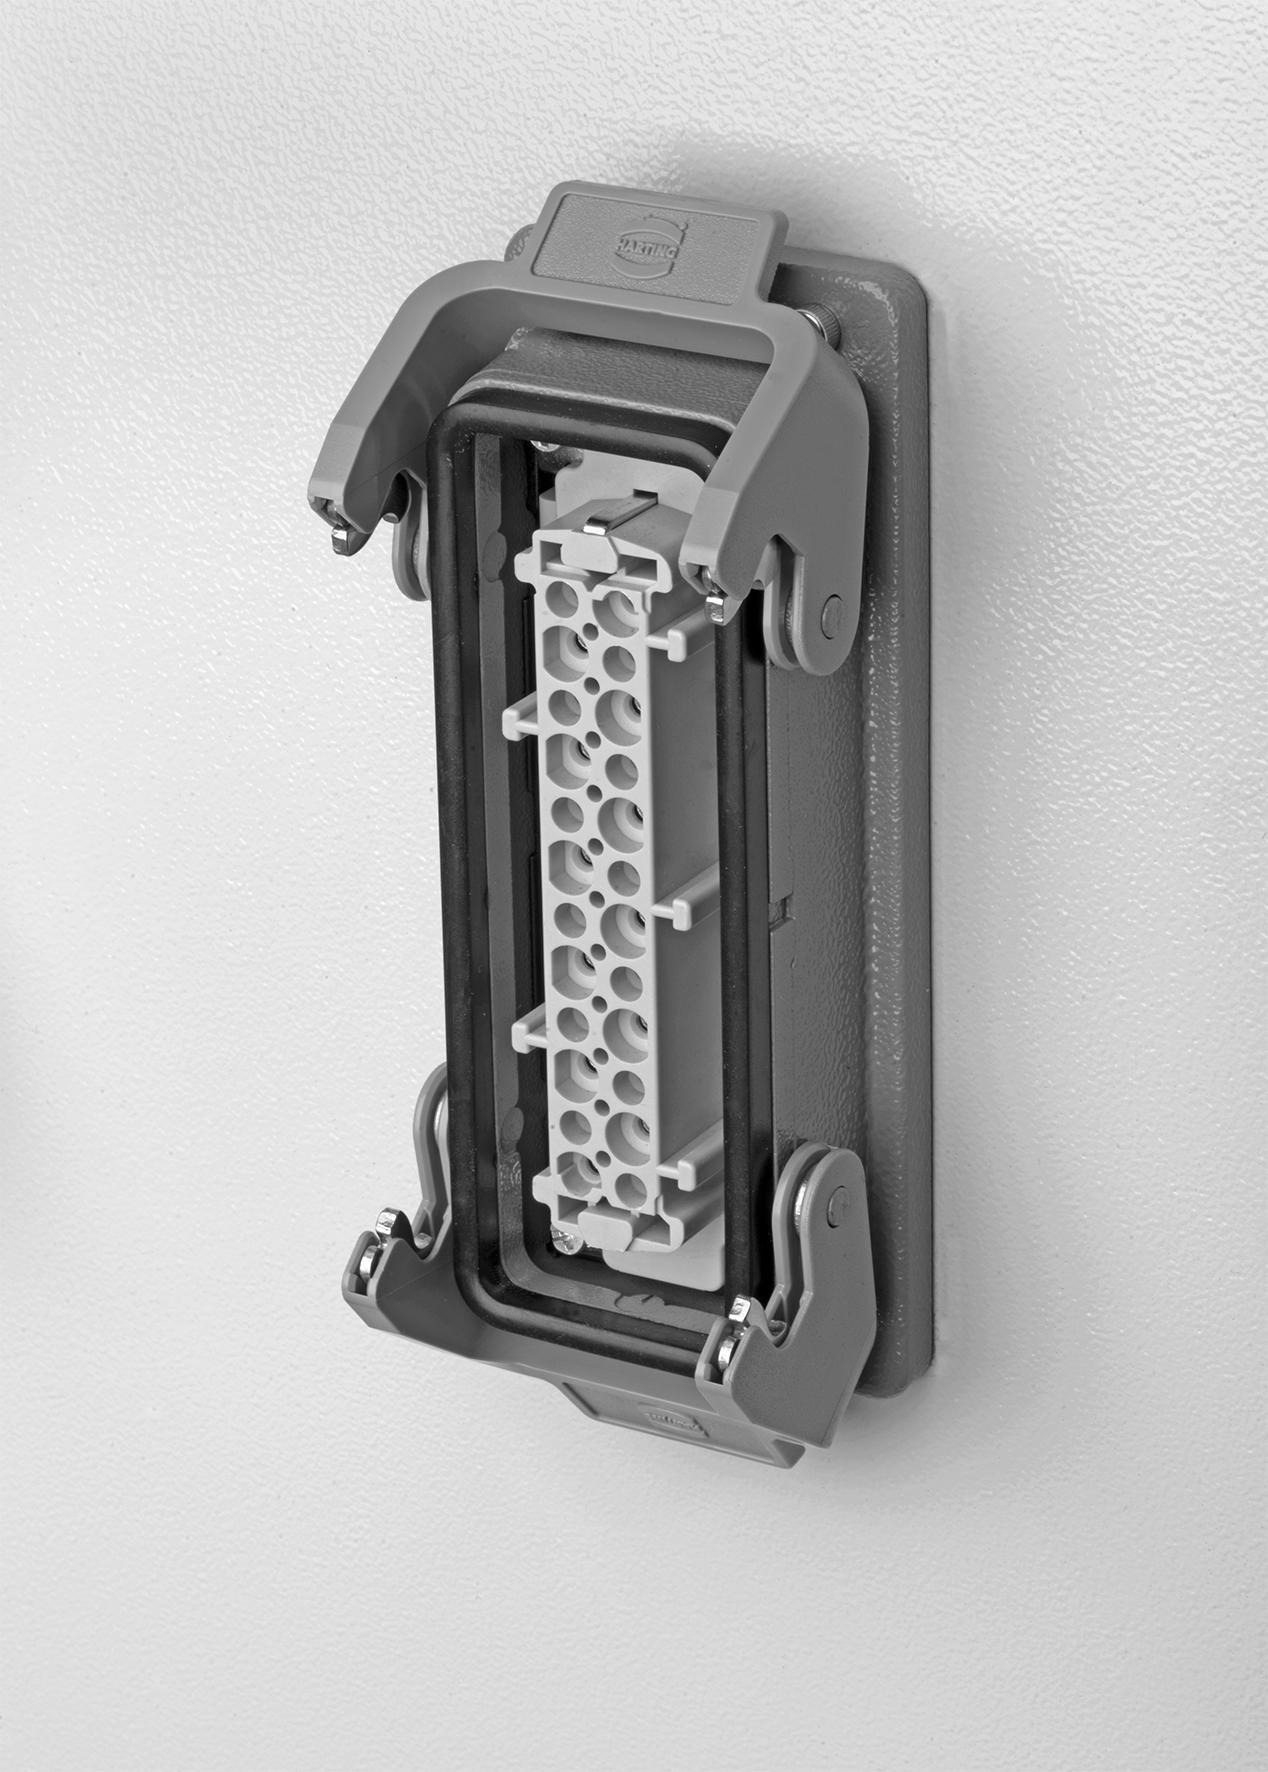 Die rückwärtige Montage von Kontakteinsätzen und das damit verbundene einfachere Handling beschleunigt die Ausstattung von Schaltschränken mit Schnittstellen. (Bild: Harting Electric GmbH & Co. KG)